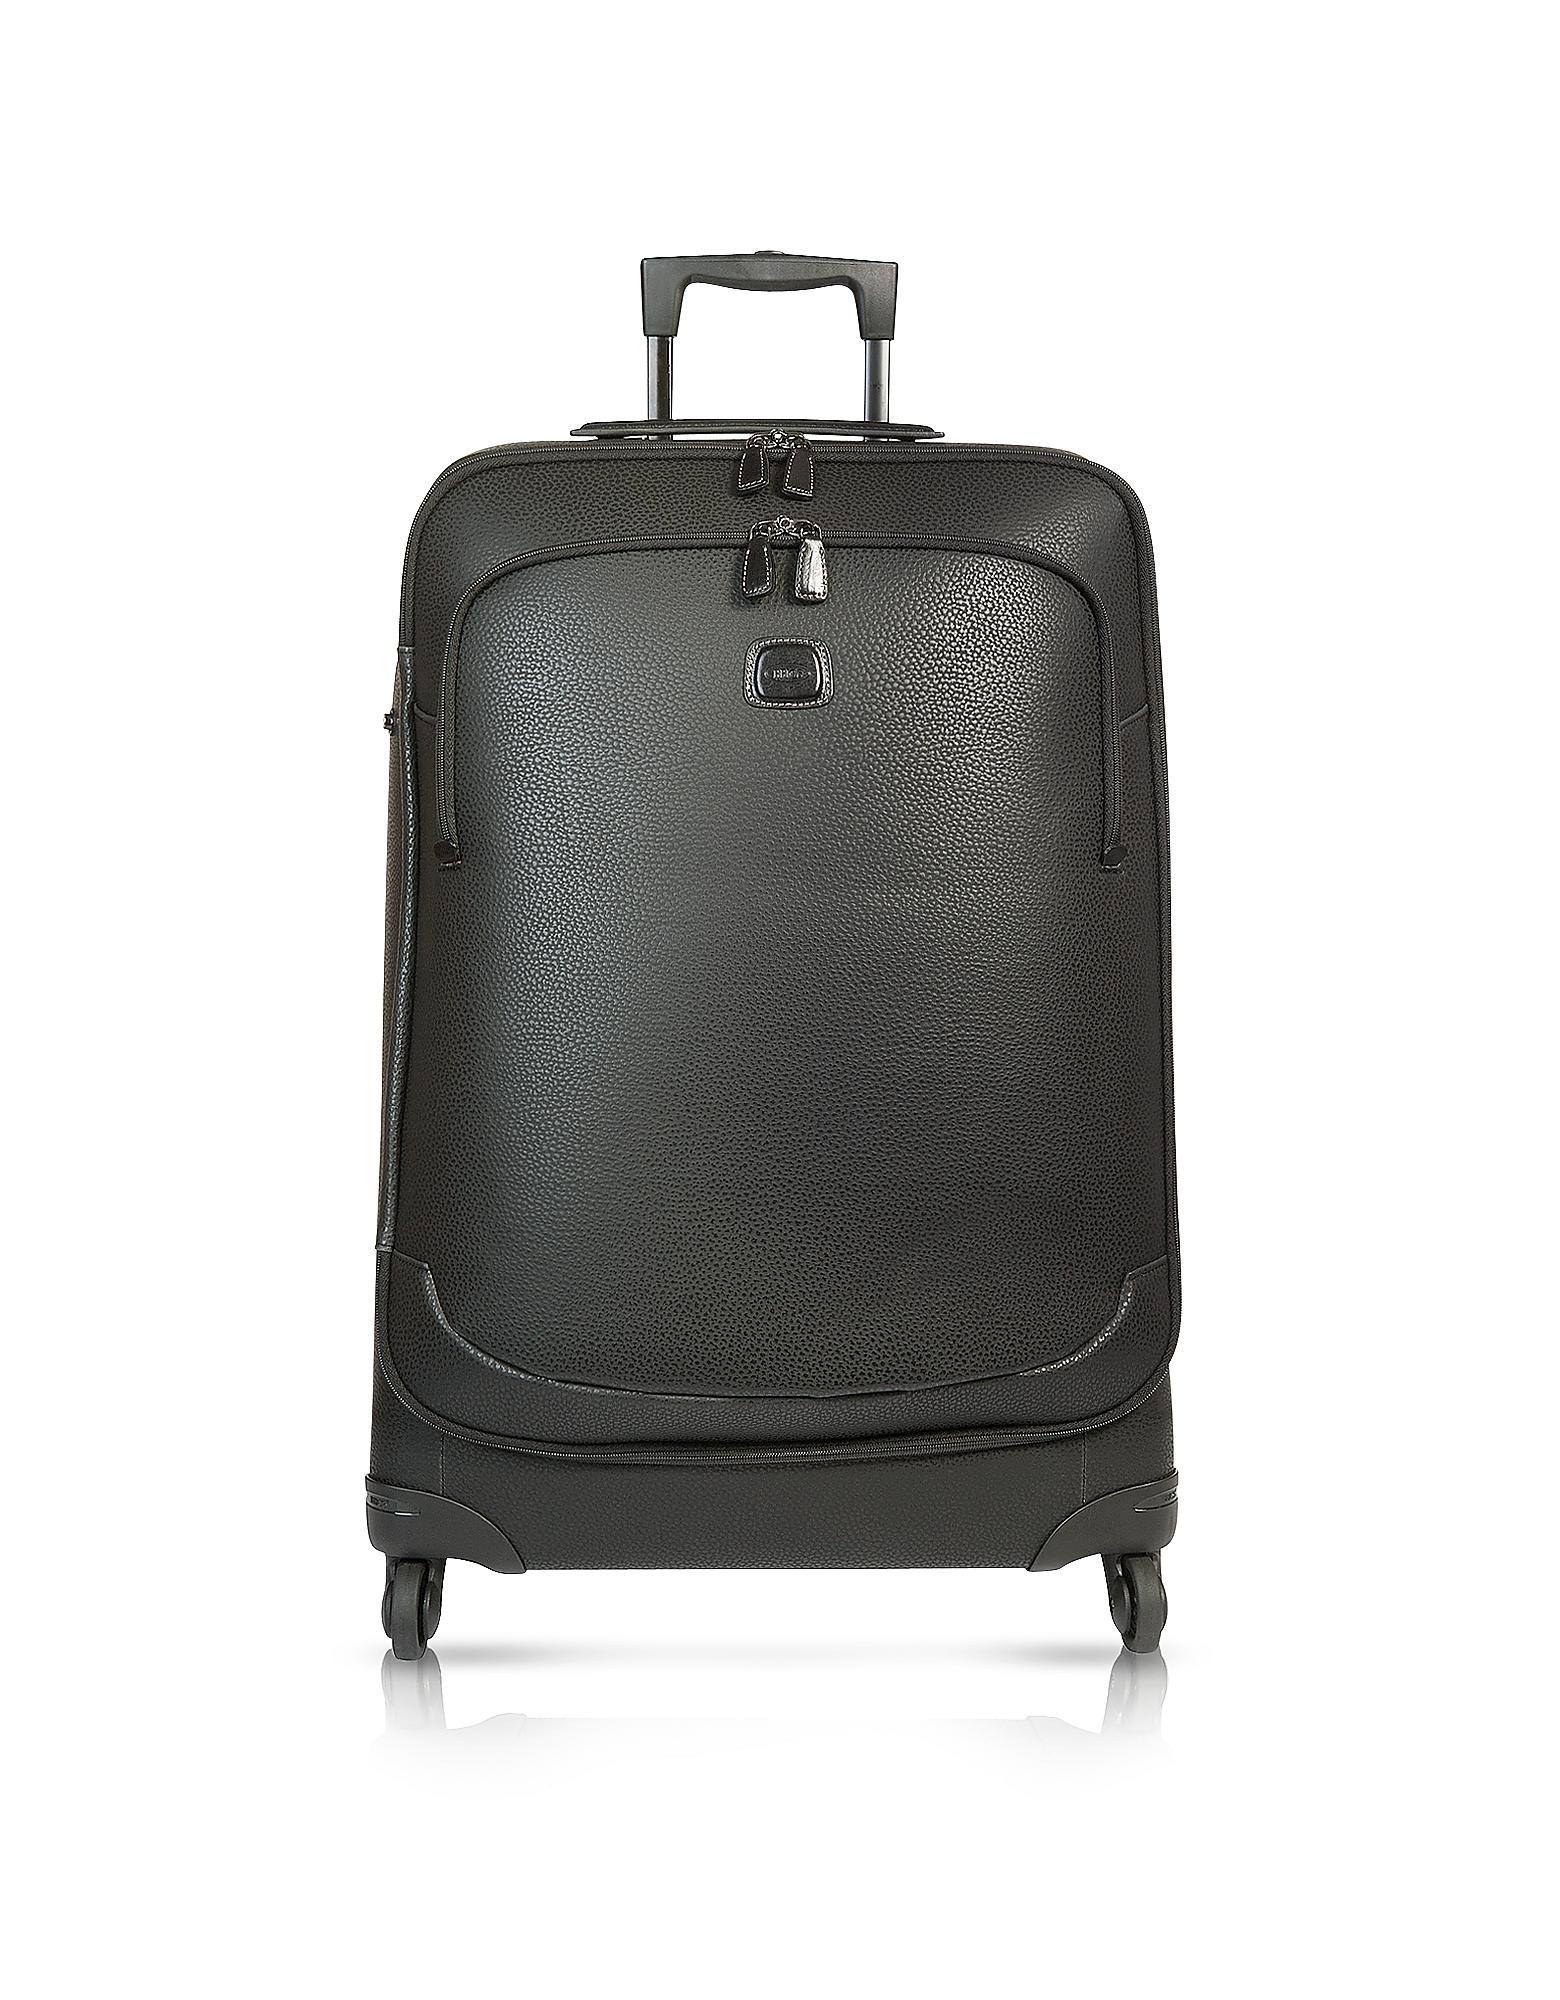 Bric's Travel Bags, Magellano Work Suitcase